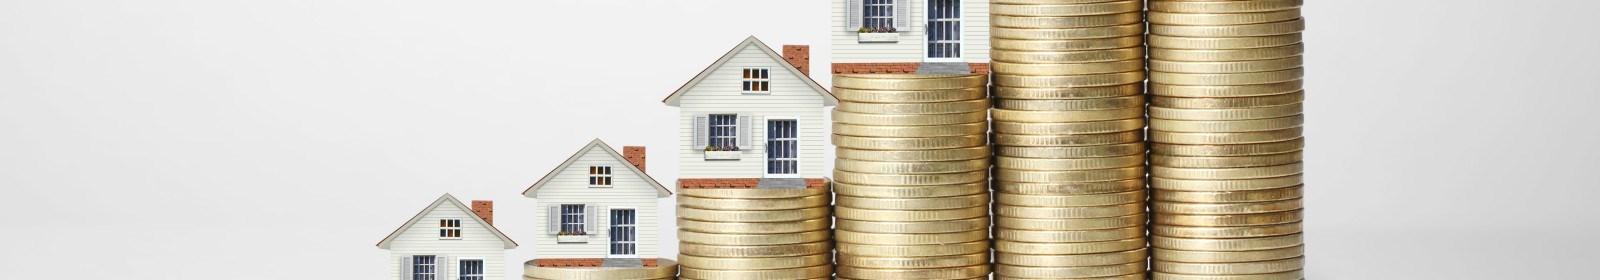 Top estate agents' 2020 predictions